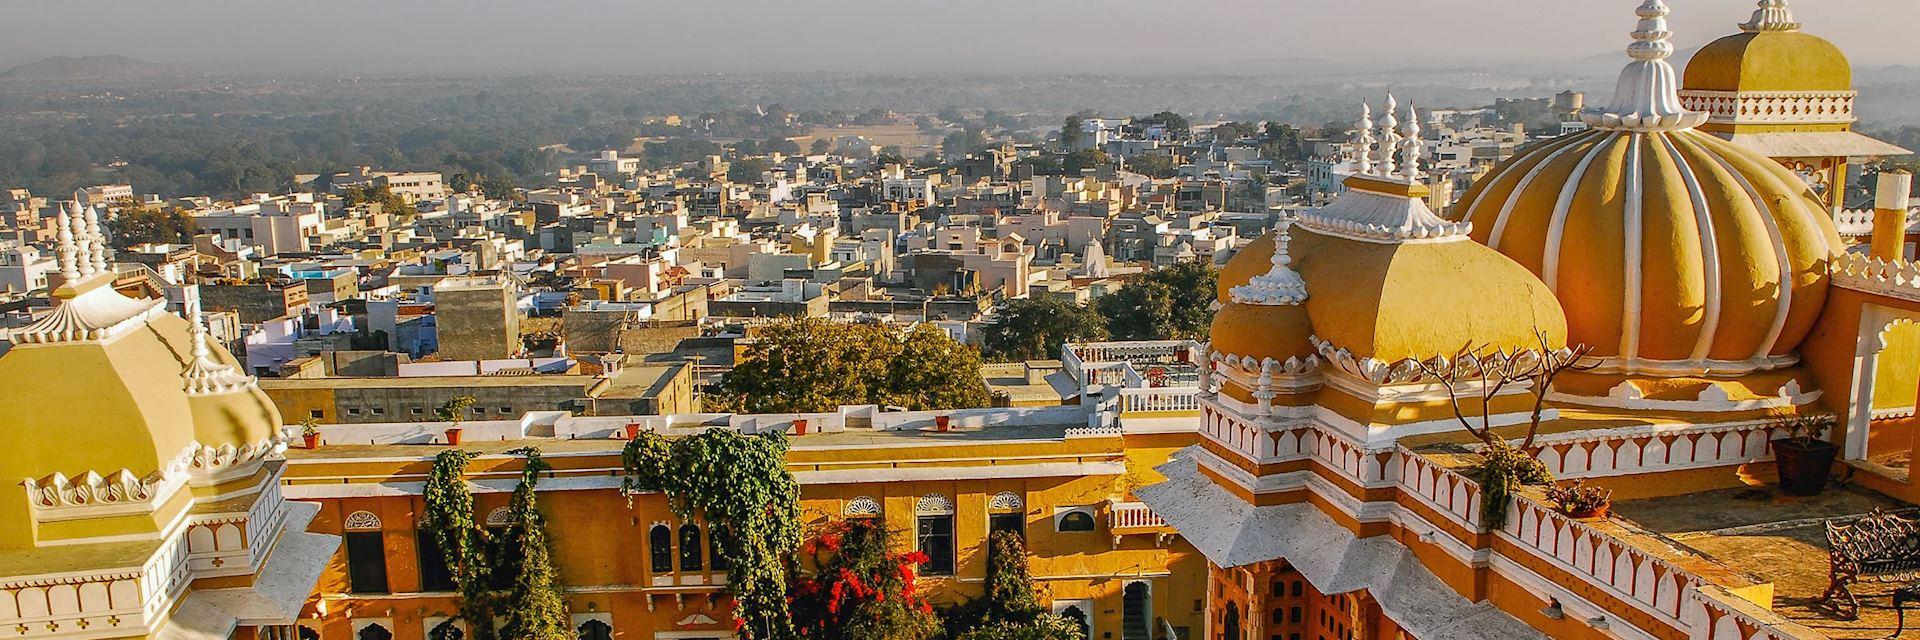 Deogarh skyline